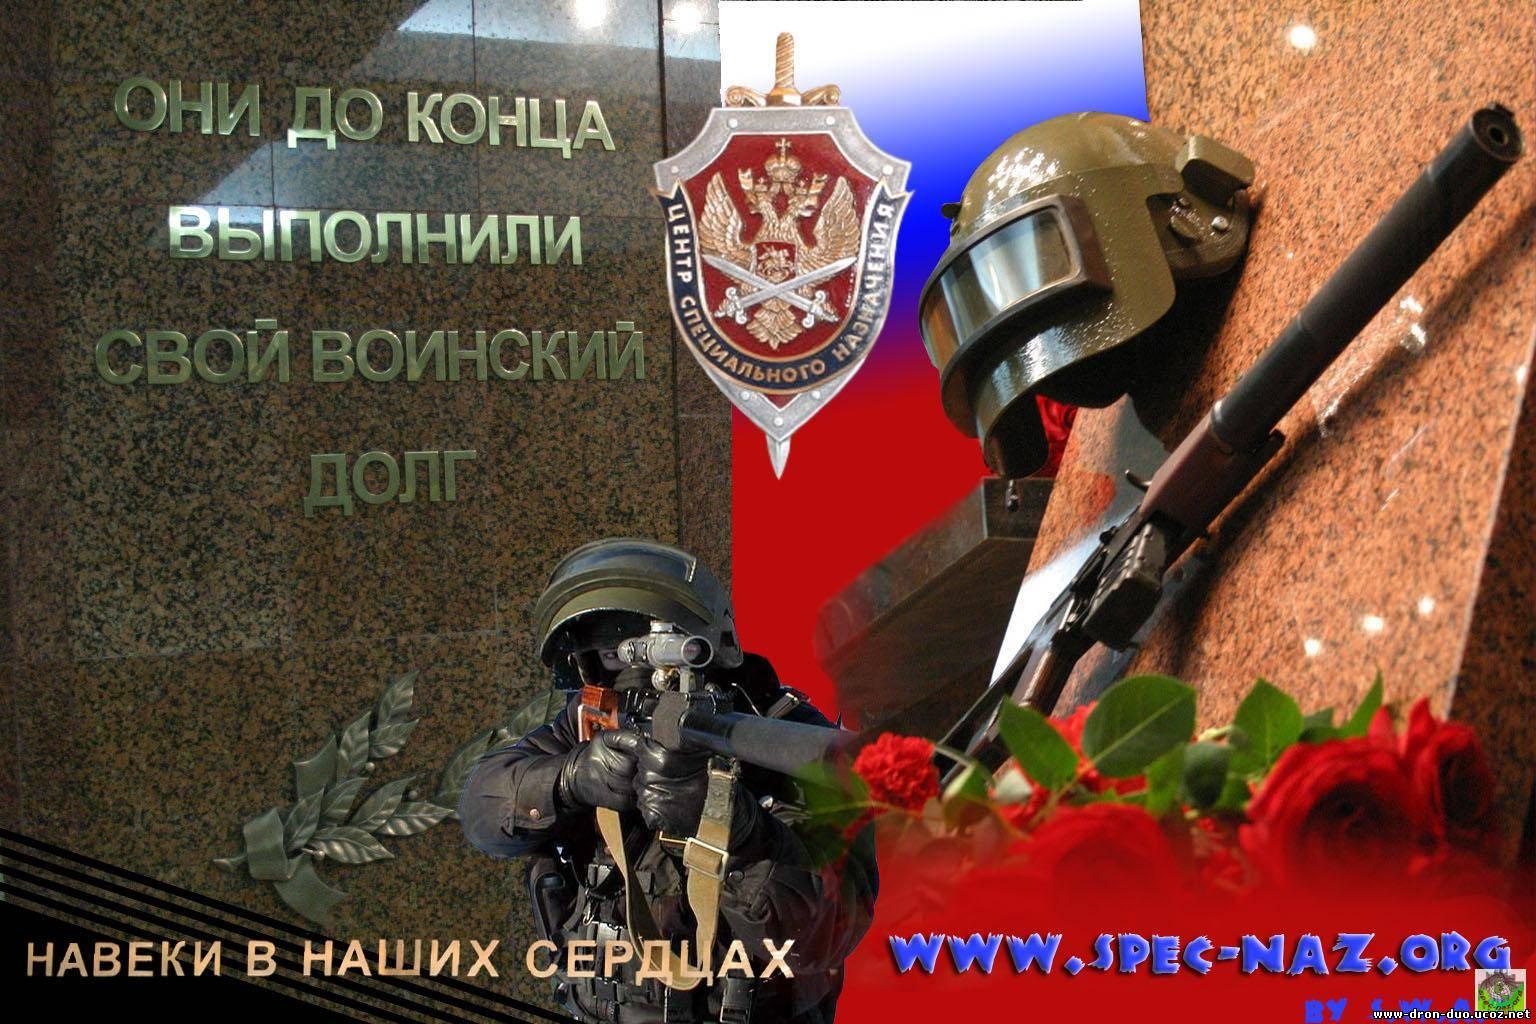 Открытки к Дню работника органов безопасности (Дню чекиста) 97